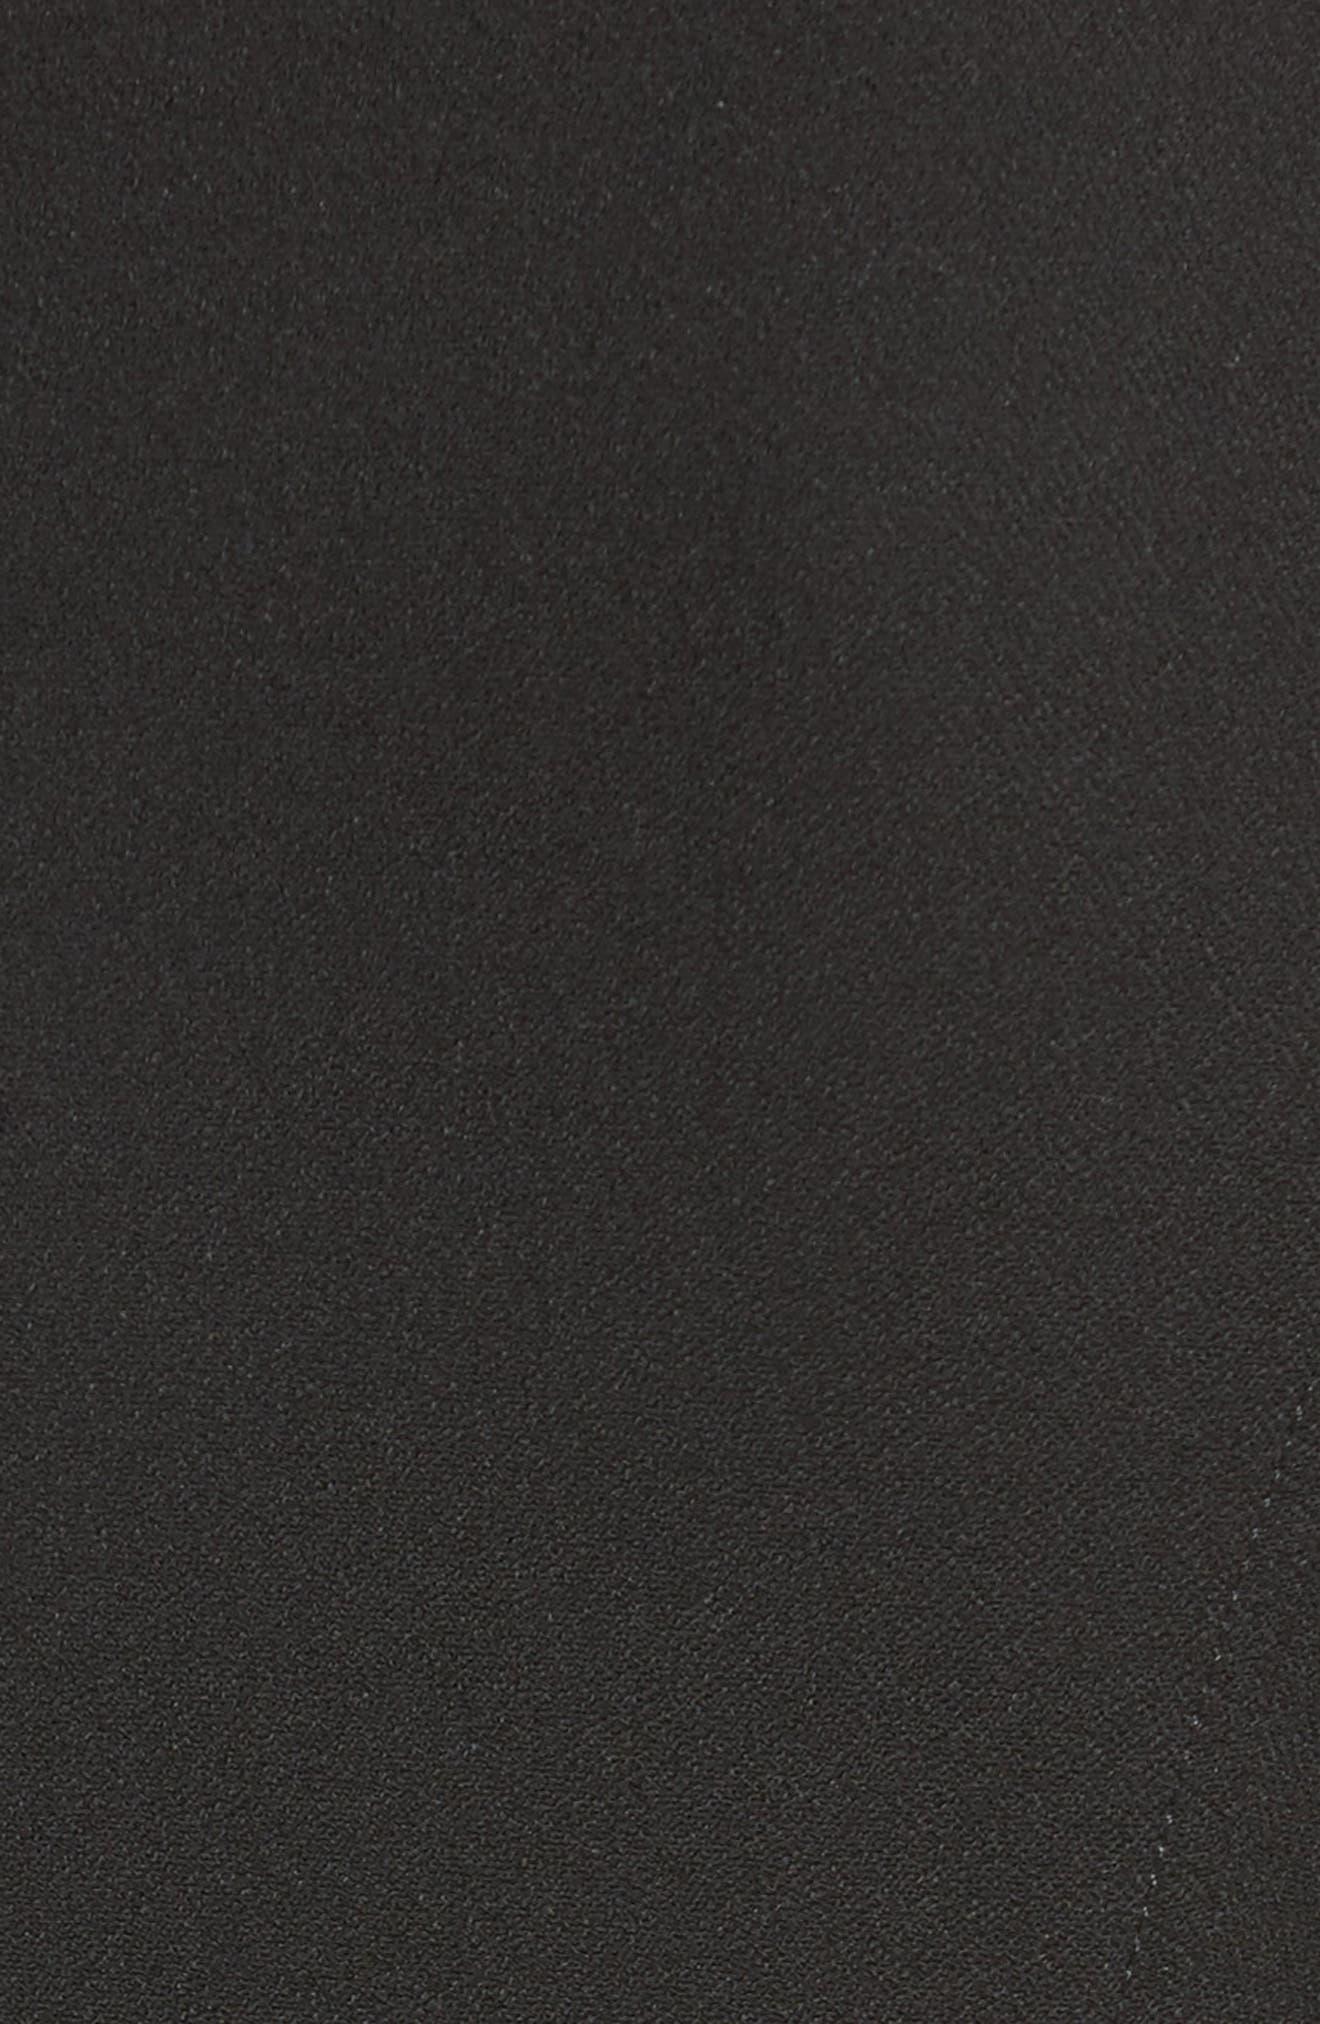 Armani Jeans Crepe Moto Jacket,                             Alternate thumbnail 3, color,                             Black